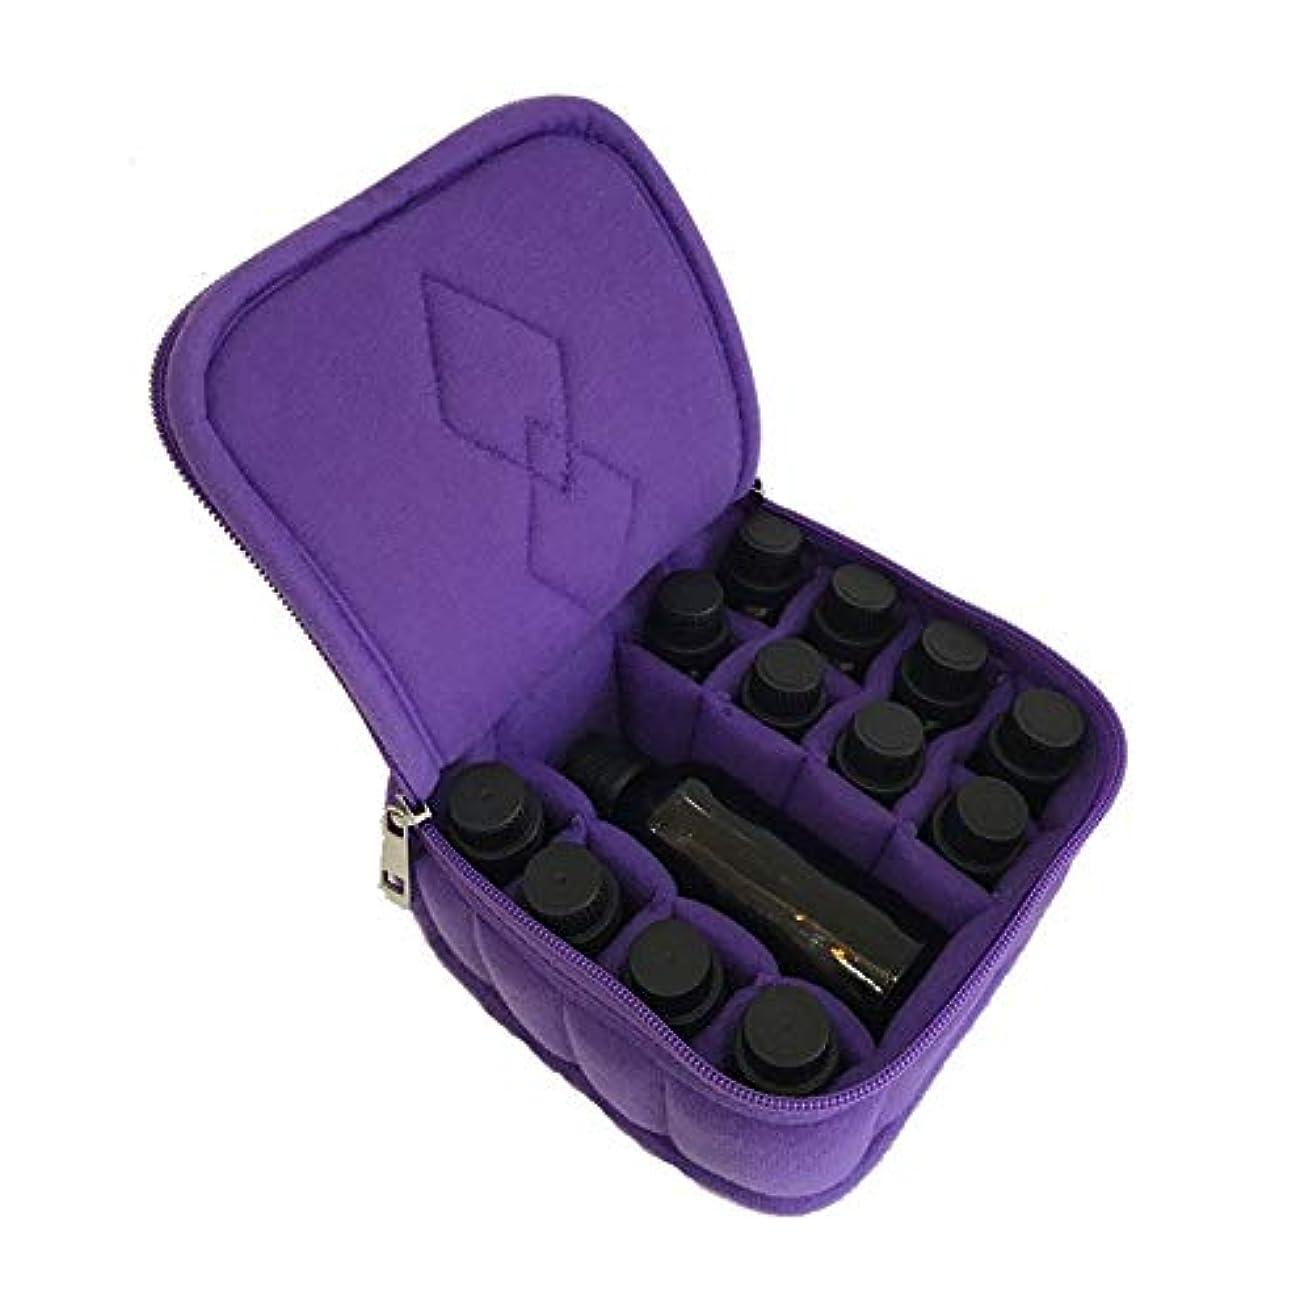 起こりやすいベッドを作る政権精油ケース 主催は、保持ケースエクステリア収納ボックスキャリング12のスロットエッセンシャルオイル 携帯便利 (色 : 紫の, サイズ : 15X15X8CM)